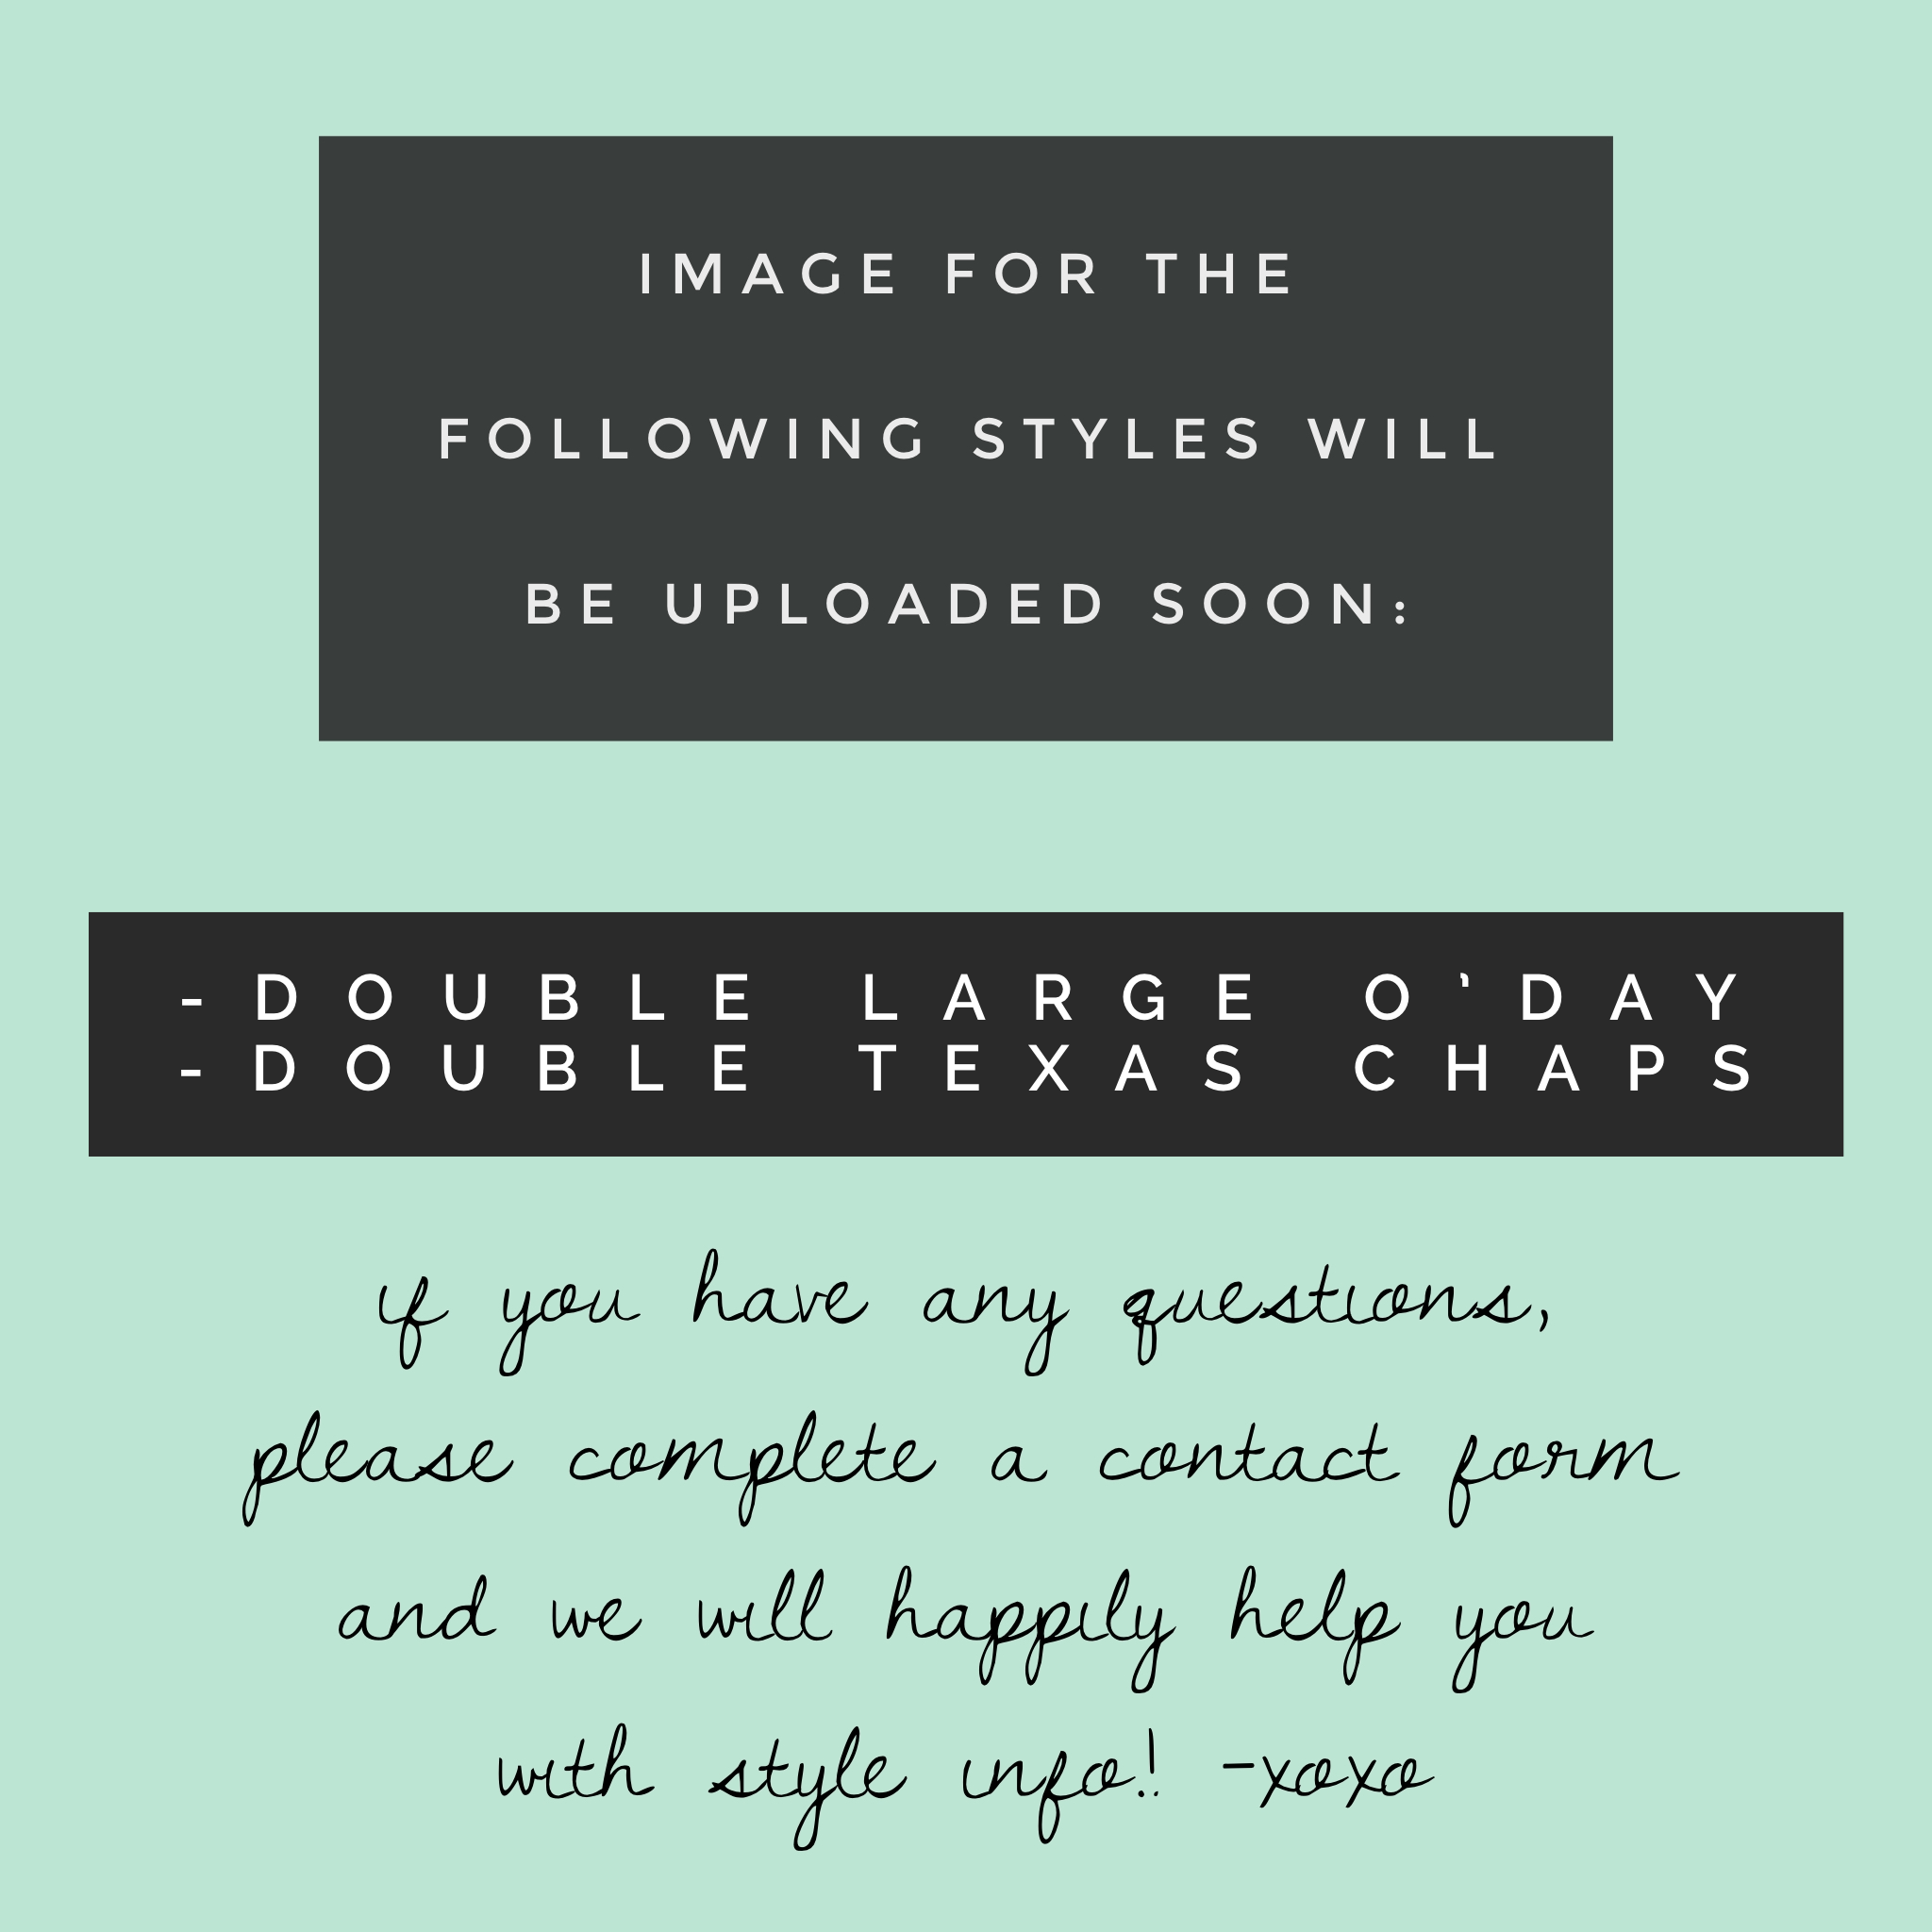 Styles: